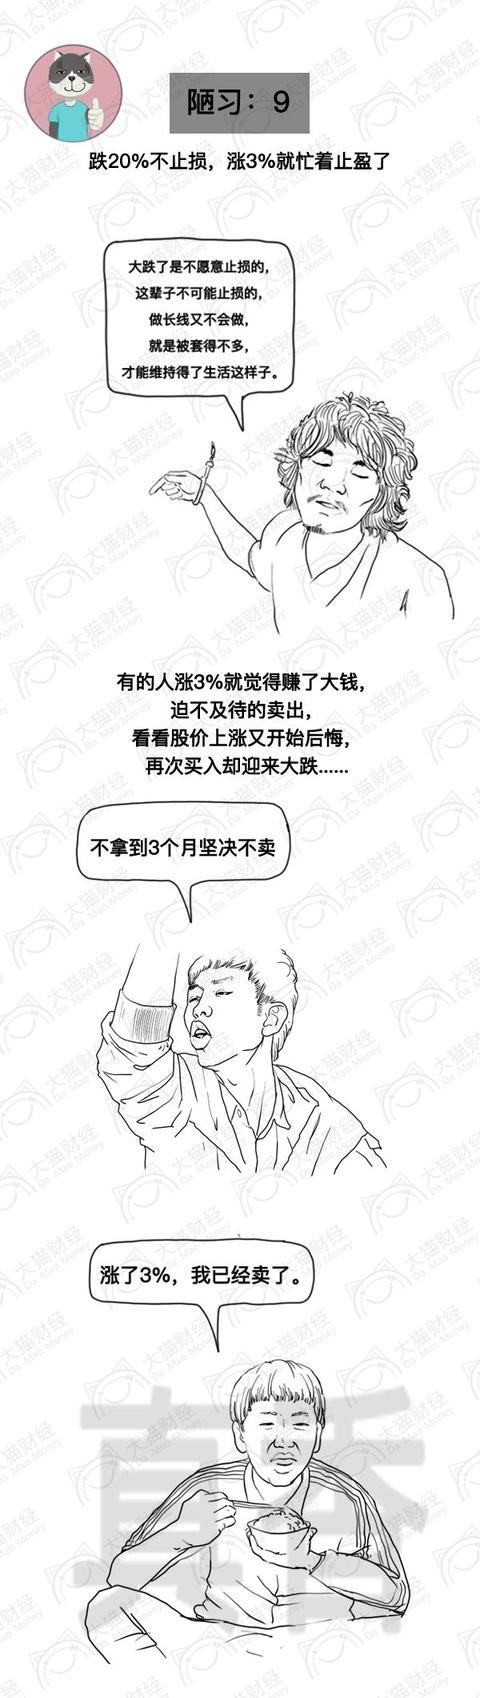 漫画:为啥炒股挣不到钱?10种韭菜最常见陋习,你占了几个?